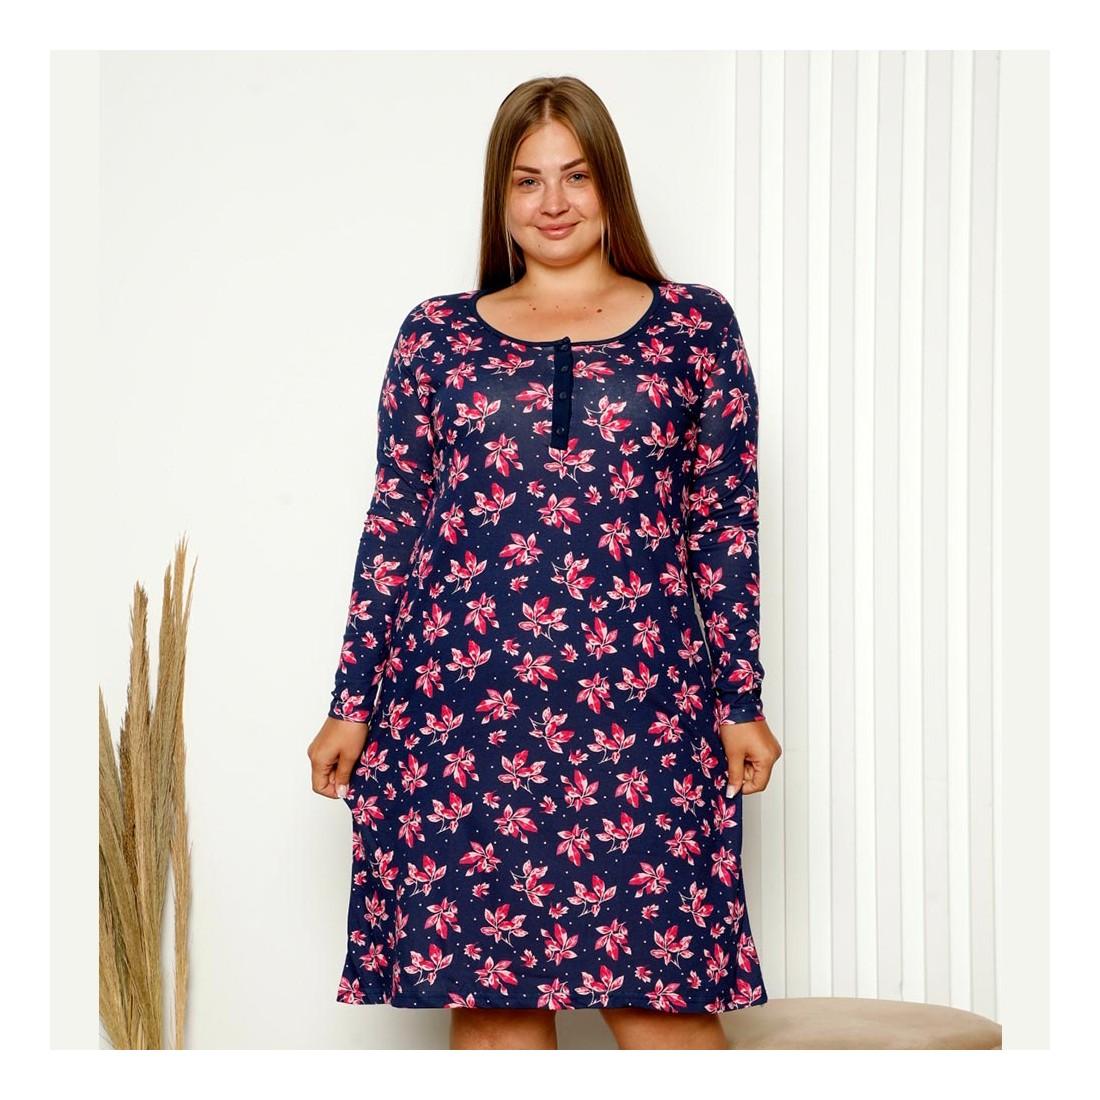 Granatowo-różowa koszula nocna damska w kwiaty XL 2XL 3XL 4XL